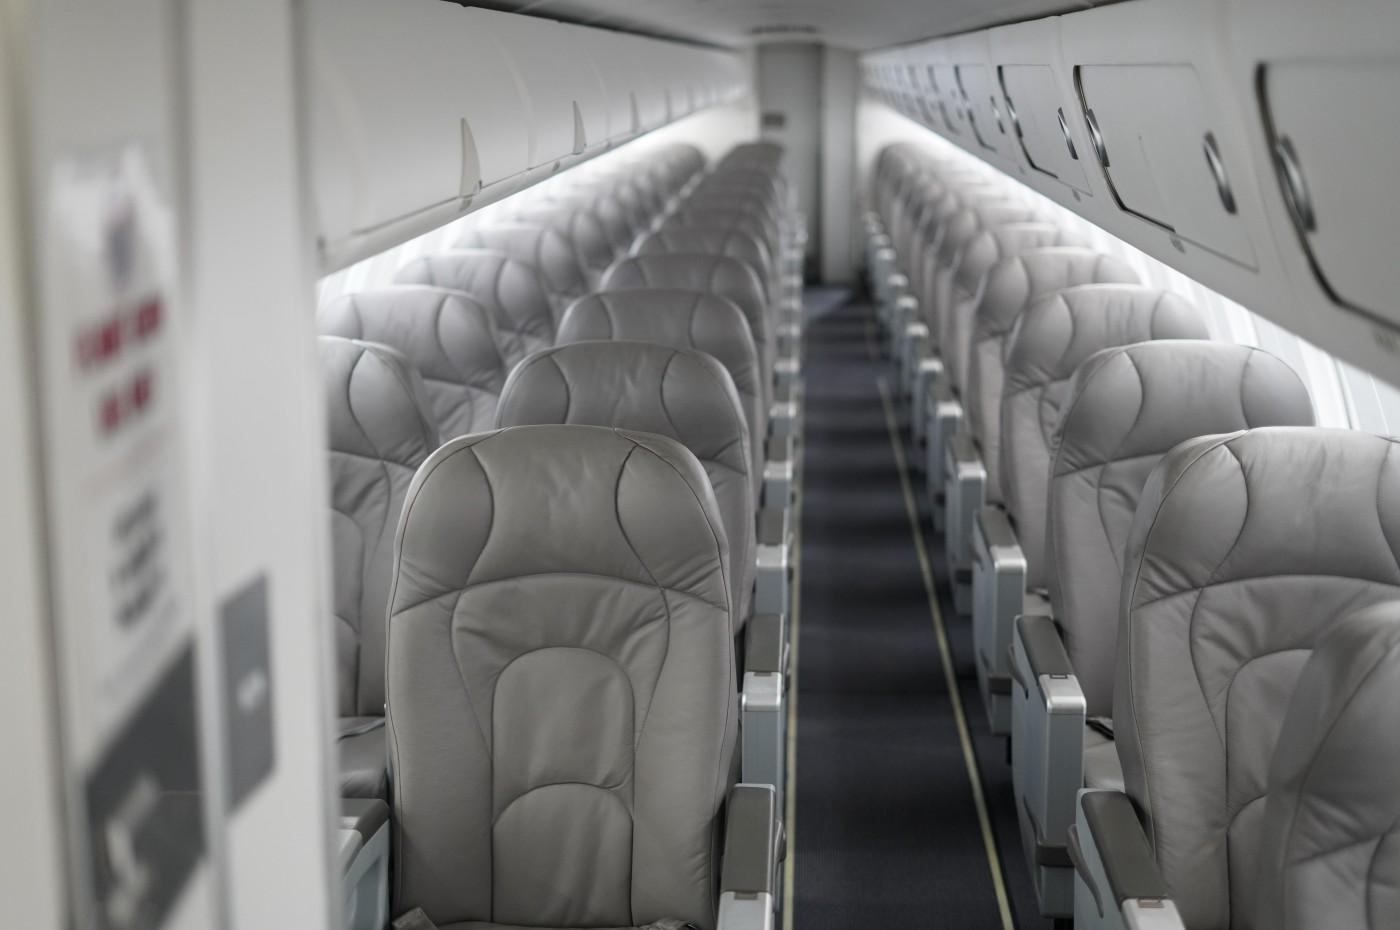 CRJ 700 Cabin